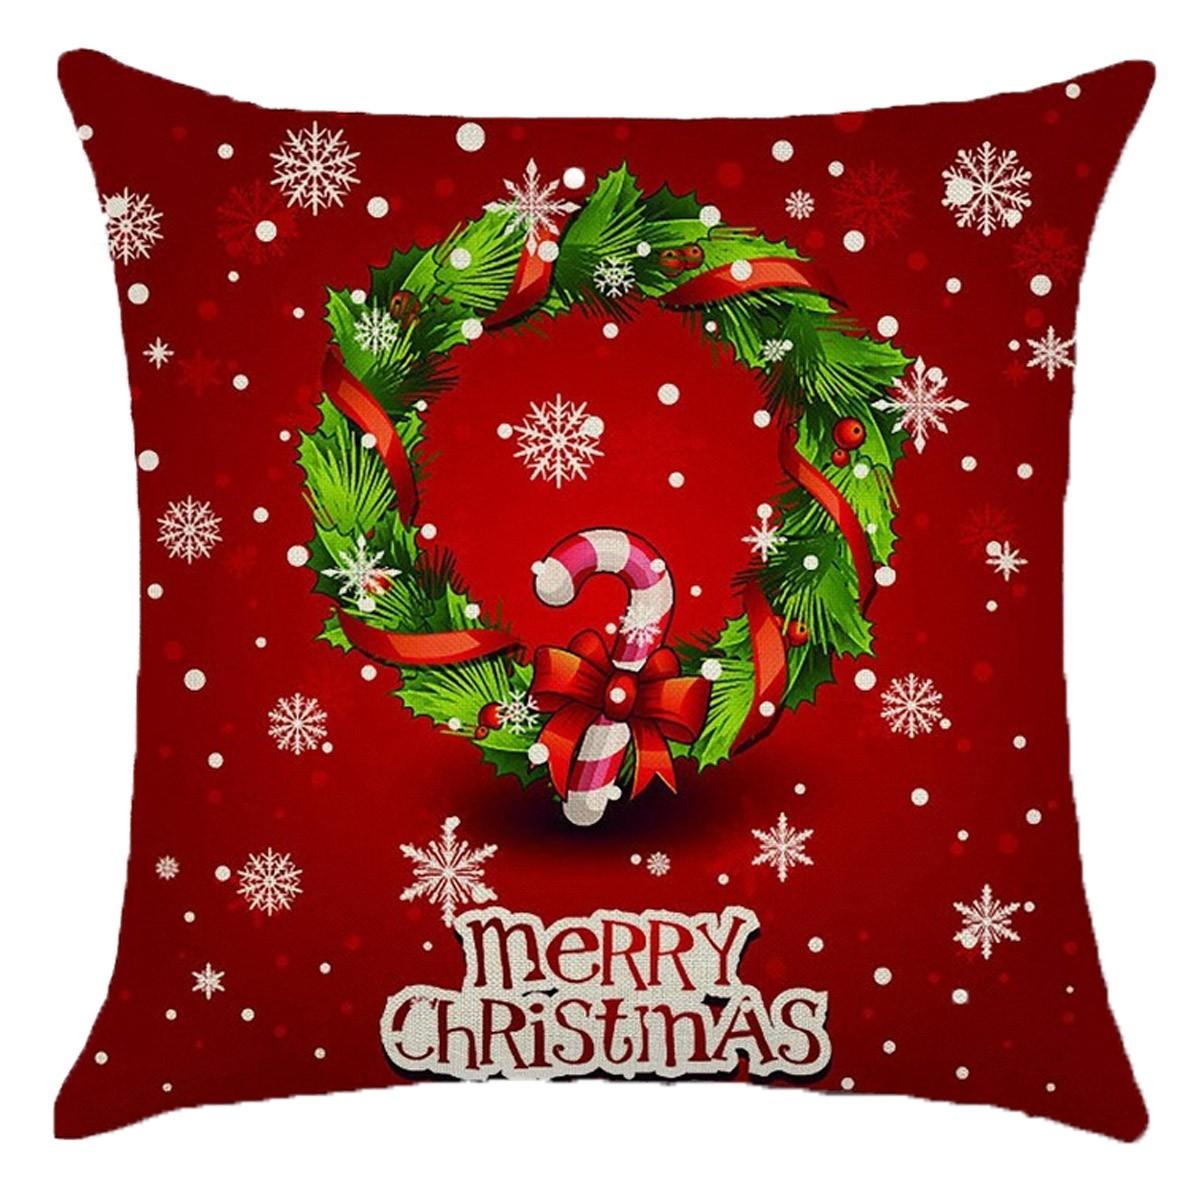 Χριστουγεννιάτικο Μαξιλάρι Viopros Christmas Time 241 home   χριστουγεννιάτικα   χριστουγεννιάτικα μαξιλάρια